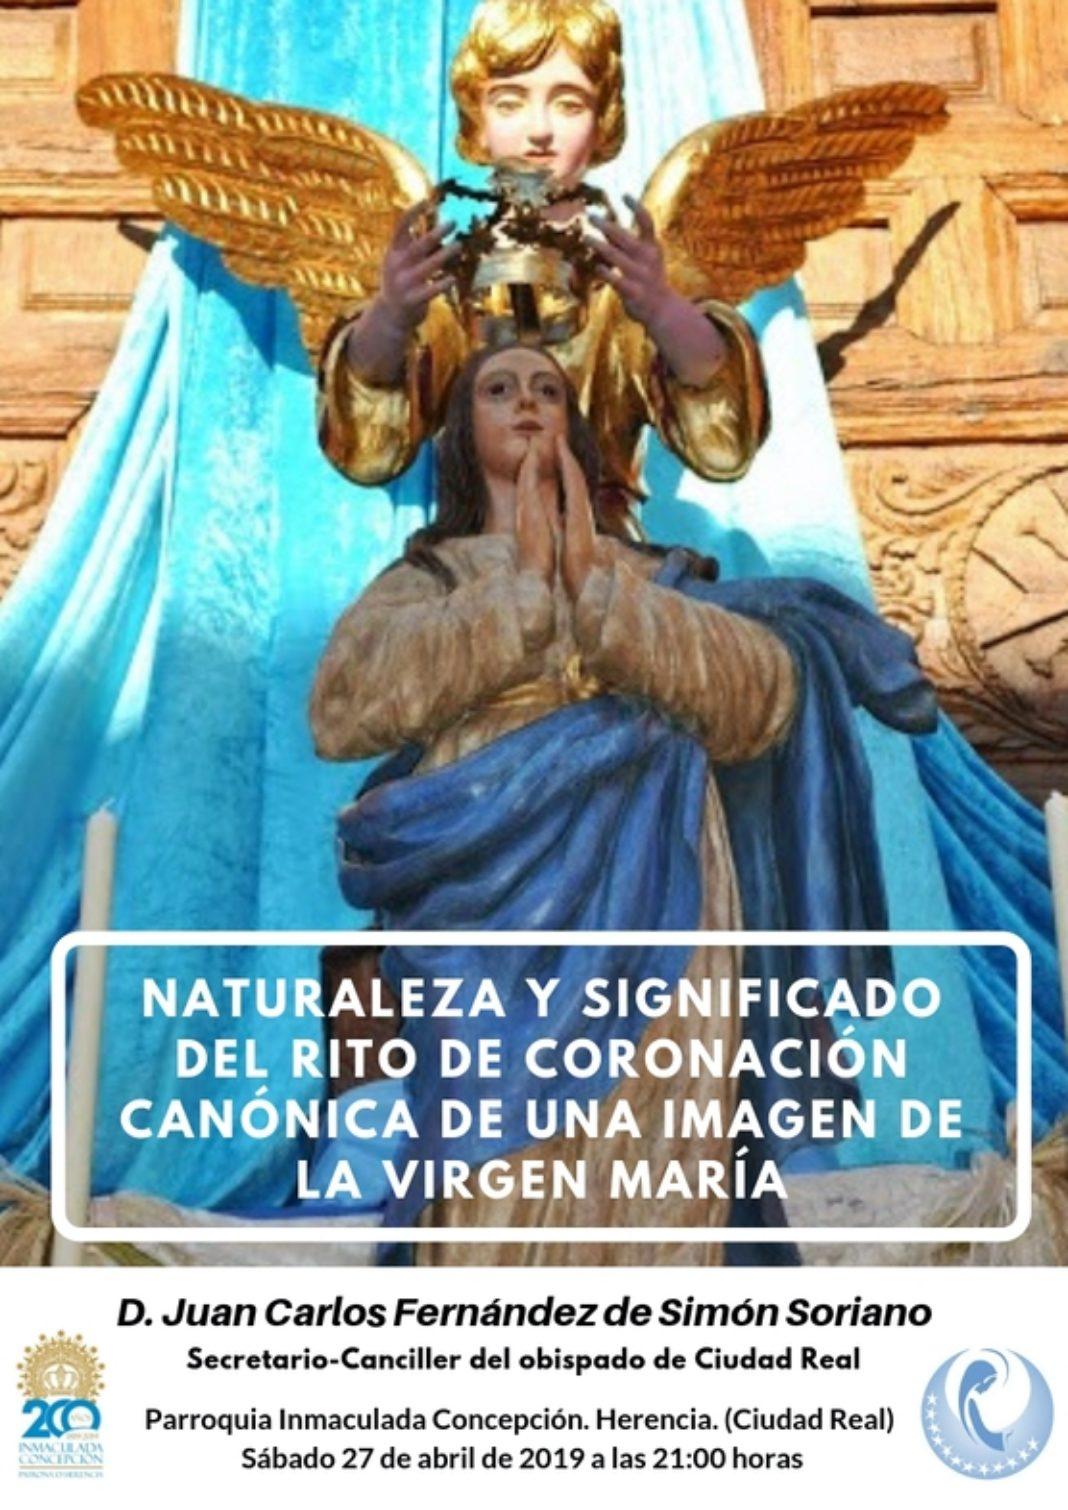 Conferencia coronación de la Virgen 1068x1510 - El secretario-canciller del obispado dará una conferencia sobre la coronación canónica de una imagen de la Virgen María